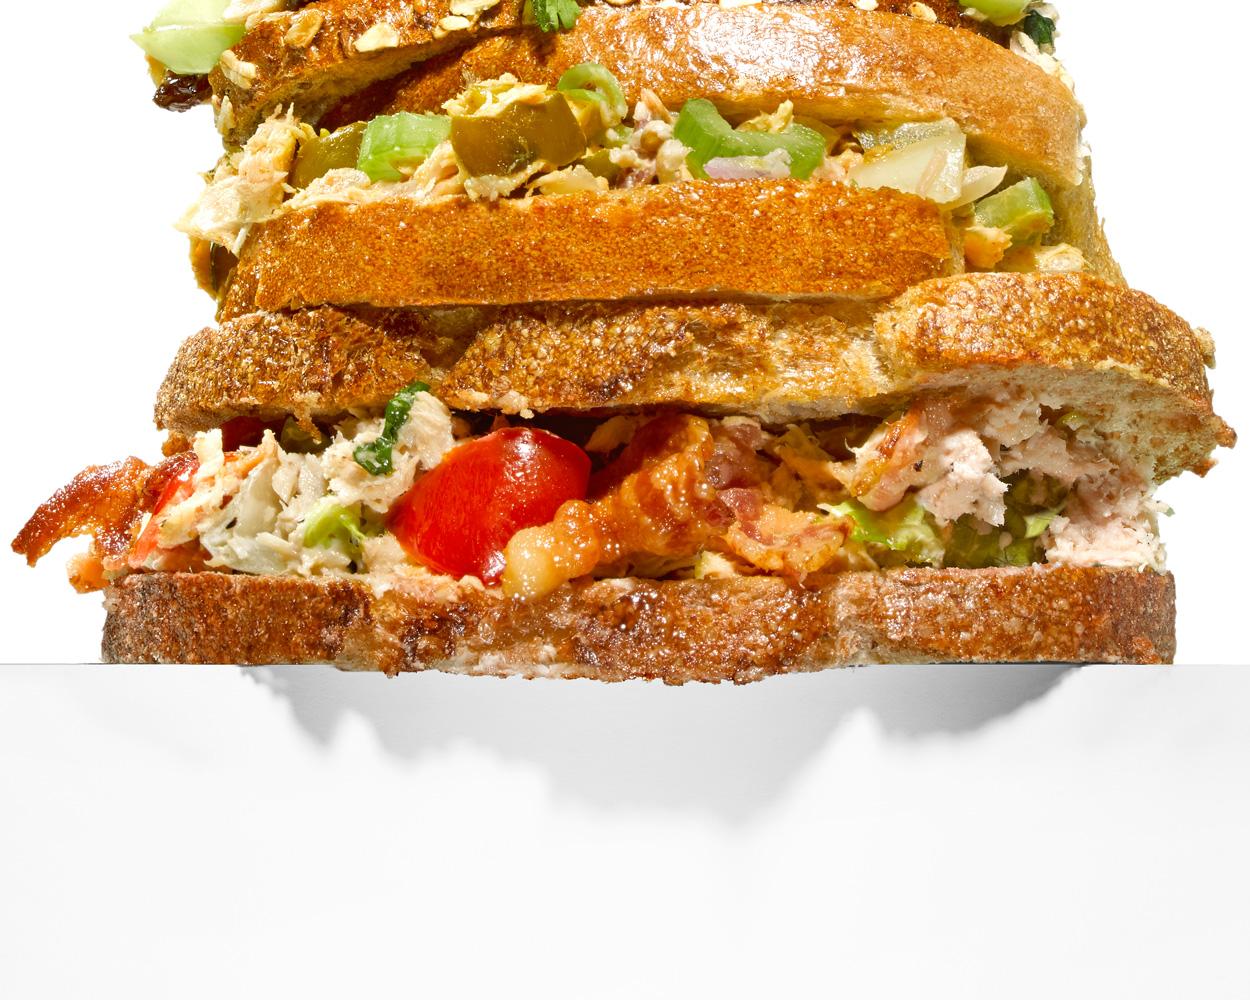 BLTT(una) Salad